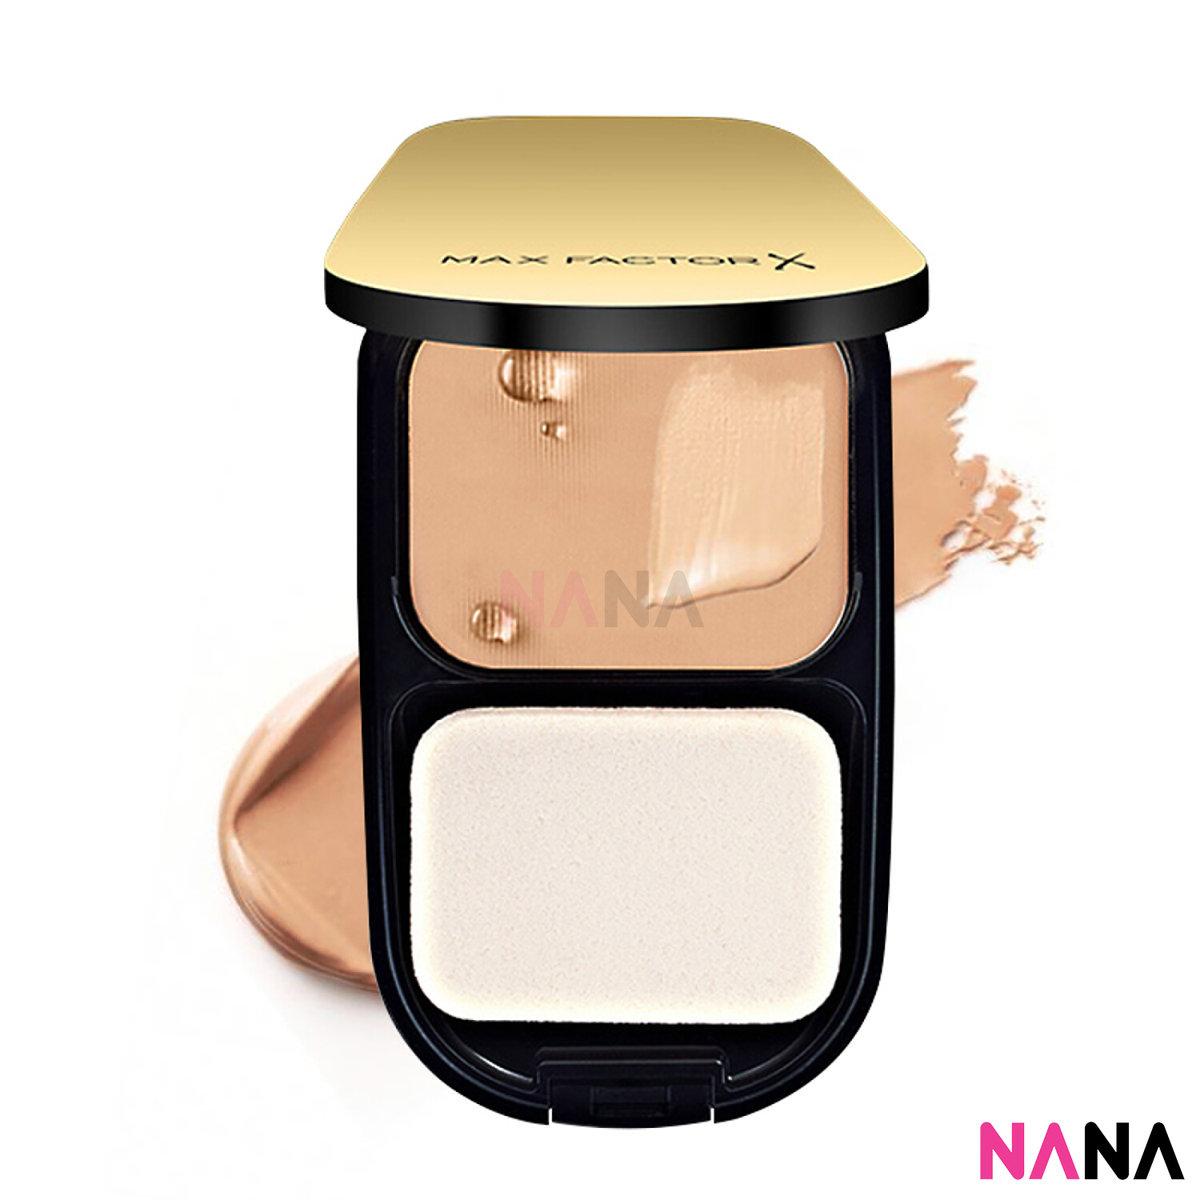 Max Factor Powder: Make-up should be natural